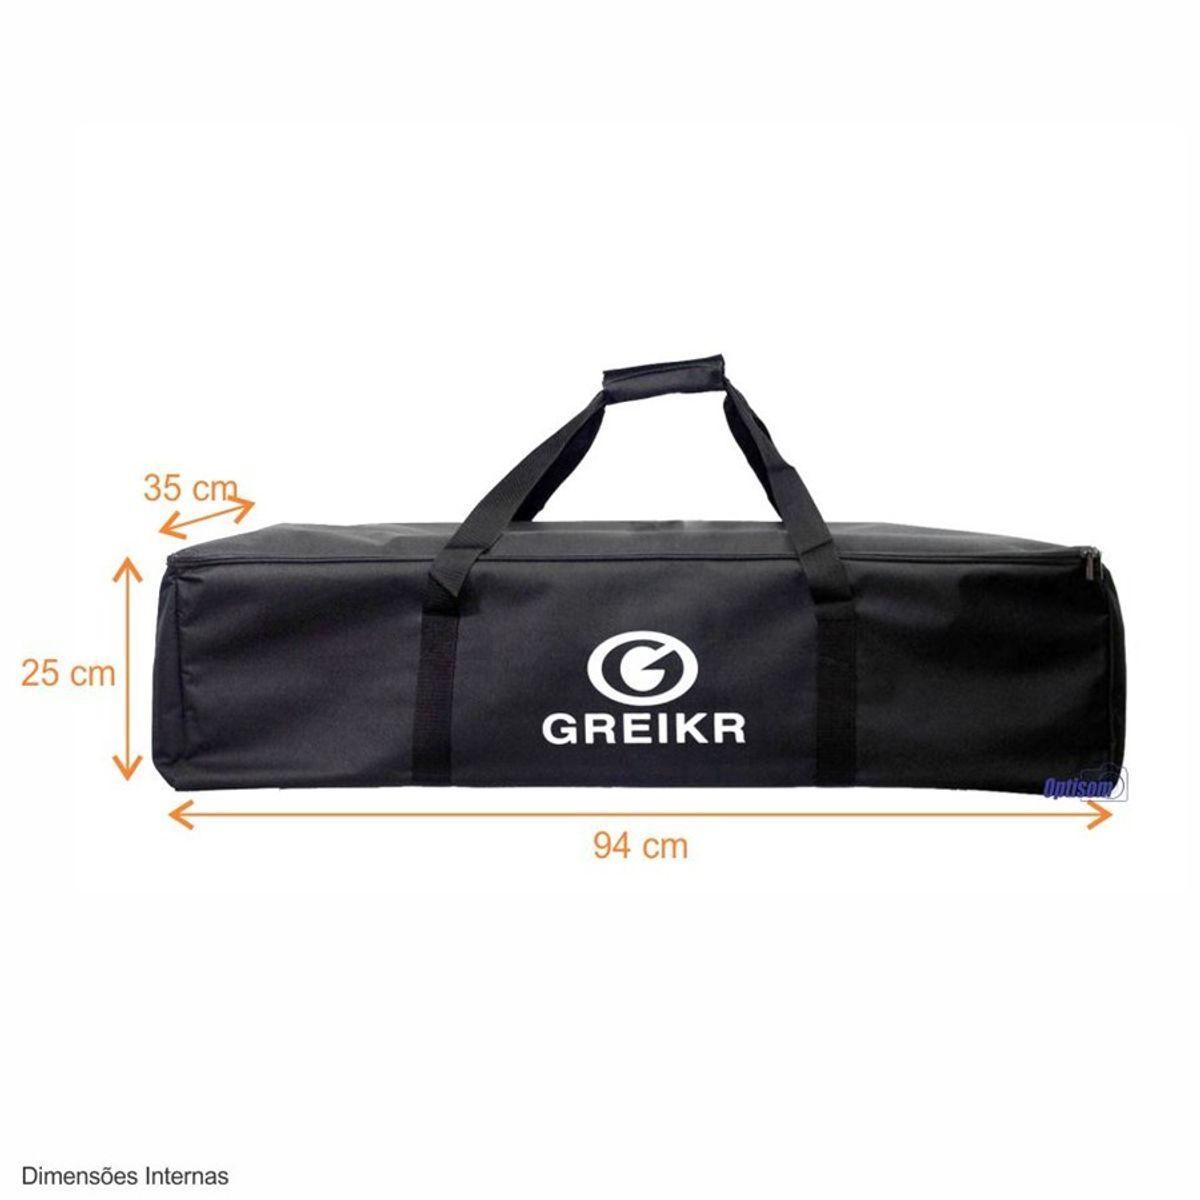 Bolsa Greika Ya5027 Para equipamentos foto e vídeo - 94cm